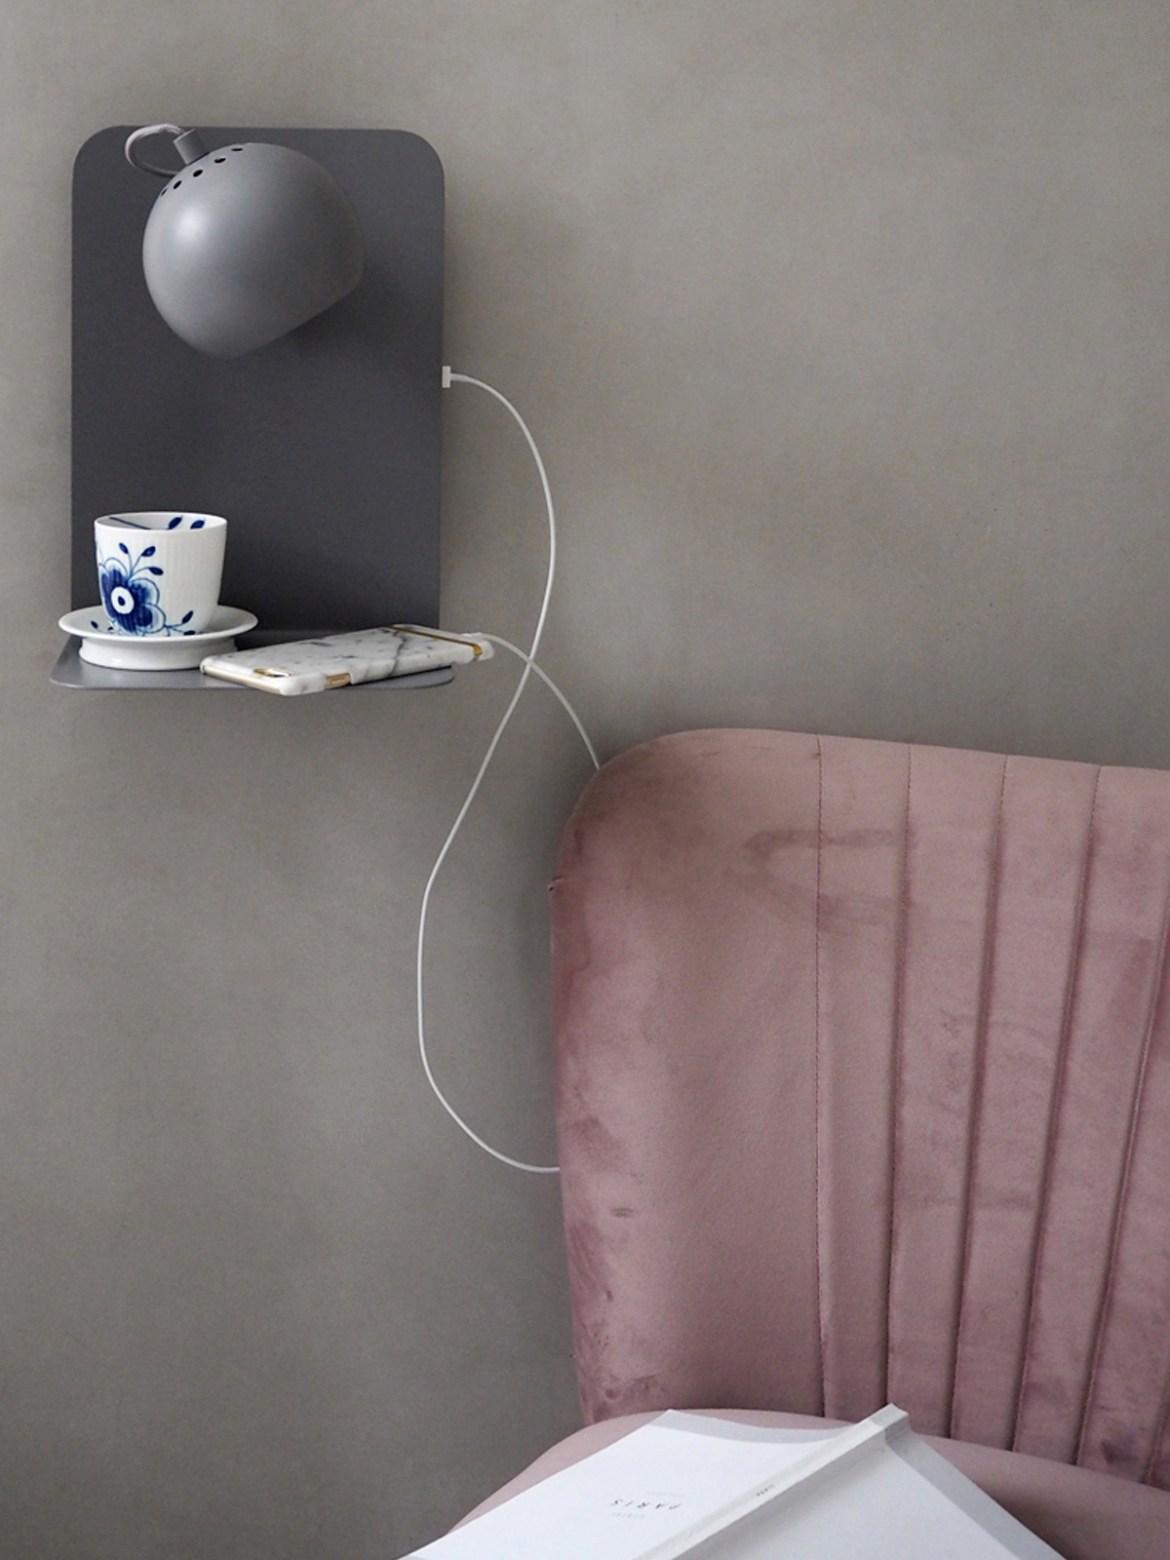 DesignOrt Blog: Leuchten die dein Handy laden! Wandleuchte mit Handy Ladegerät von Frandsen